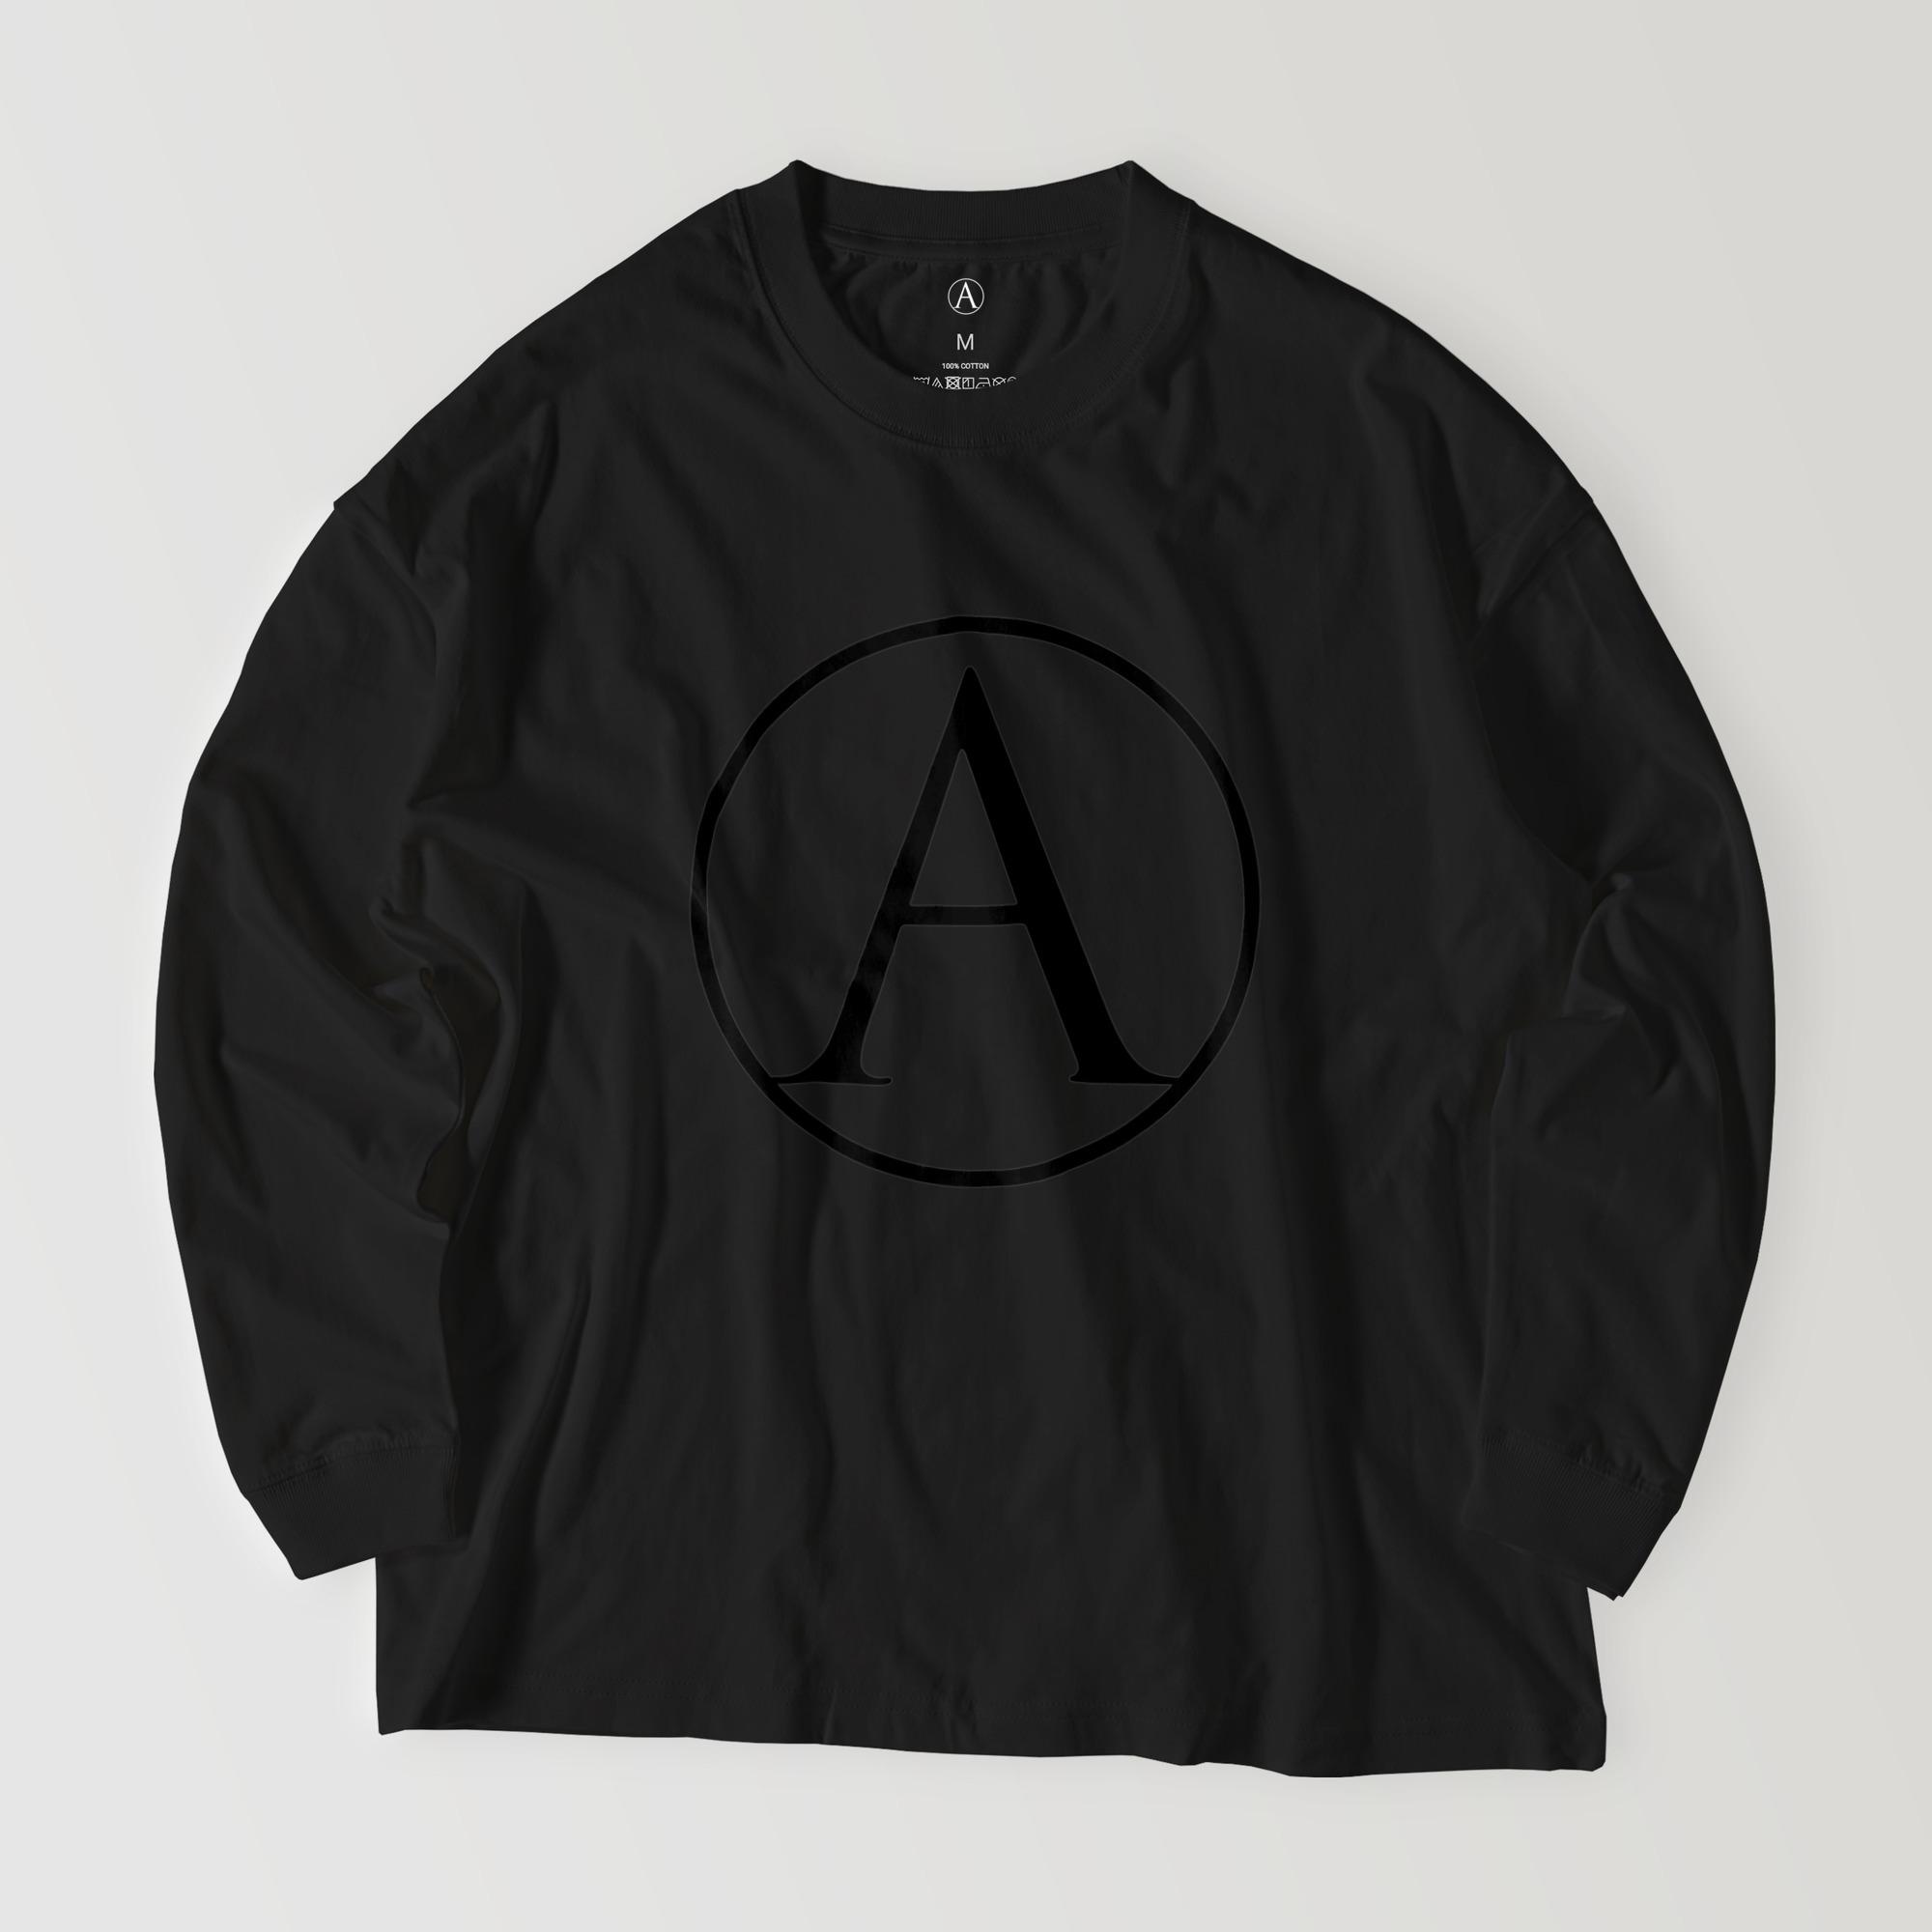 A ビッグシルエットロングシャツ ブラック / Mens